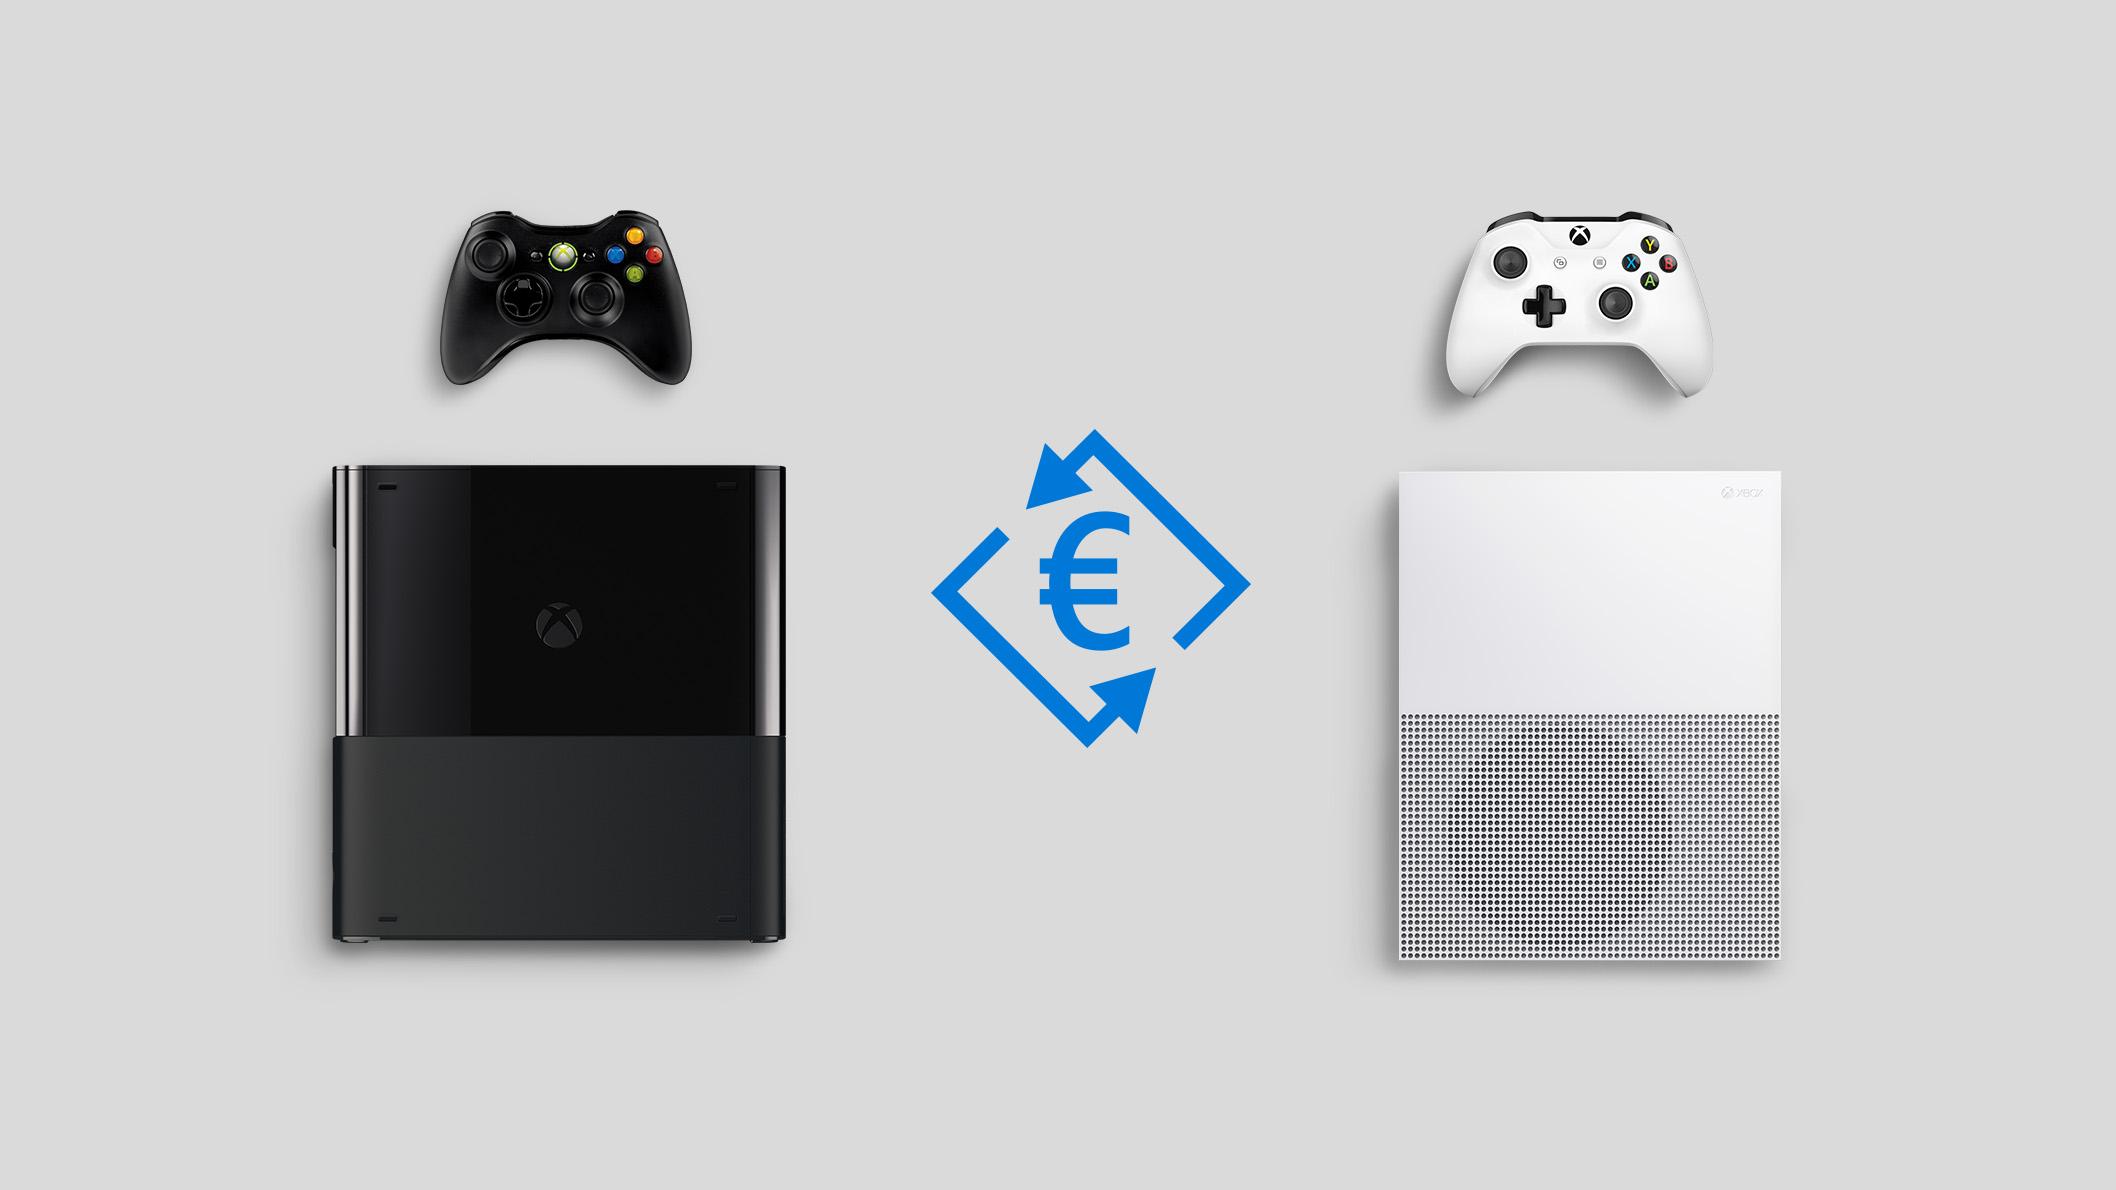 Símbolo del euro, Xbox One X y Xbox One S